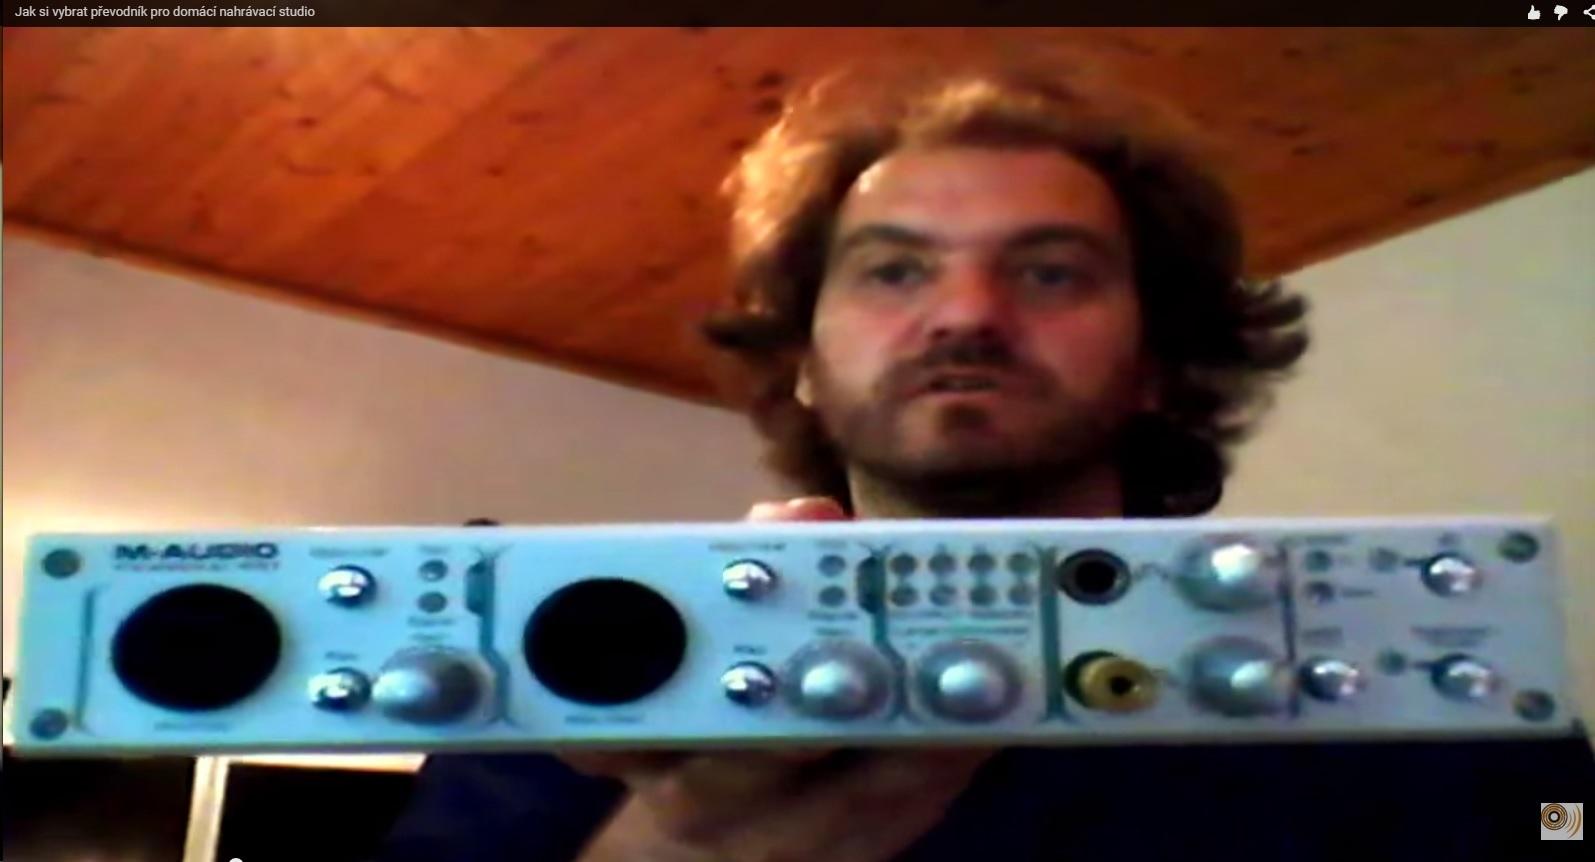 Jak si vybrat převodník pro domácí nahrávací studio? (Video)